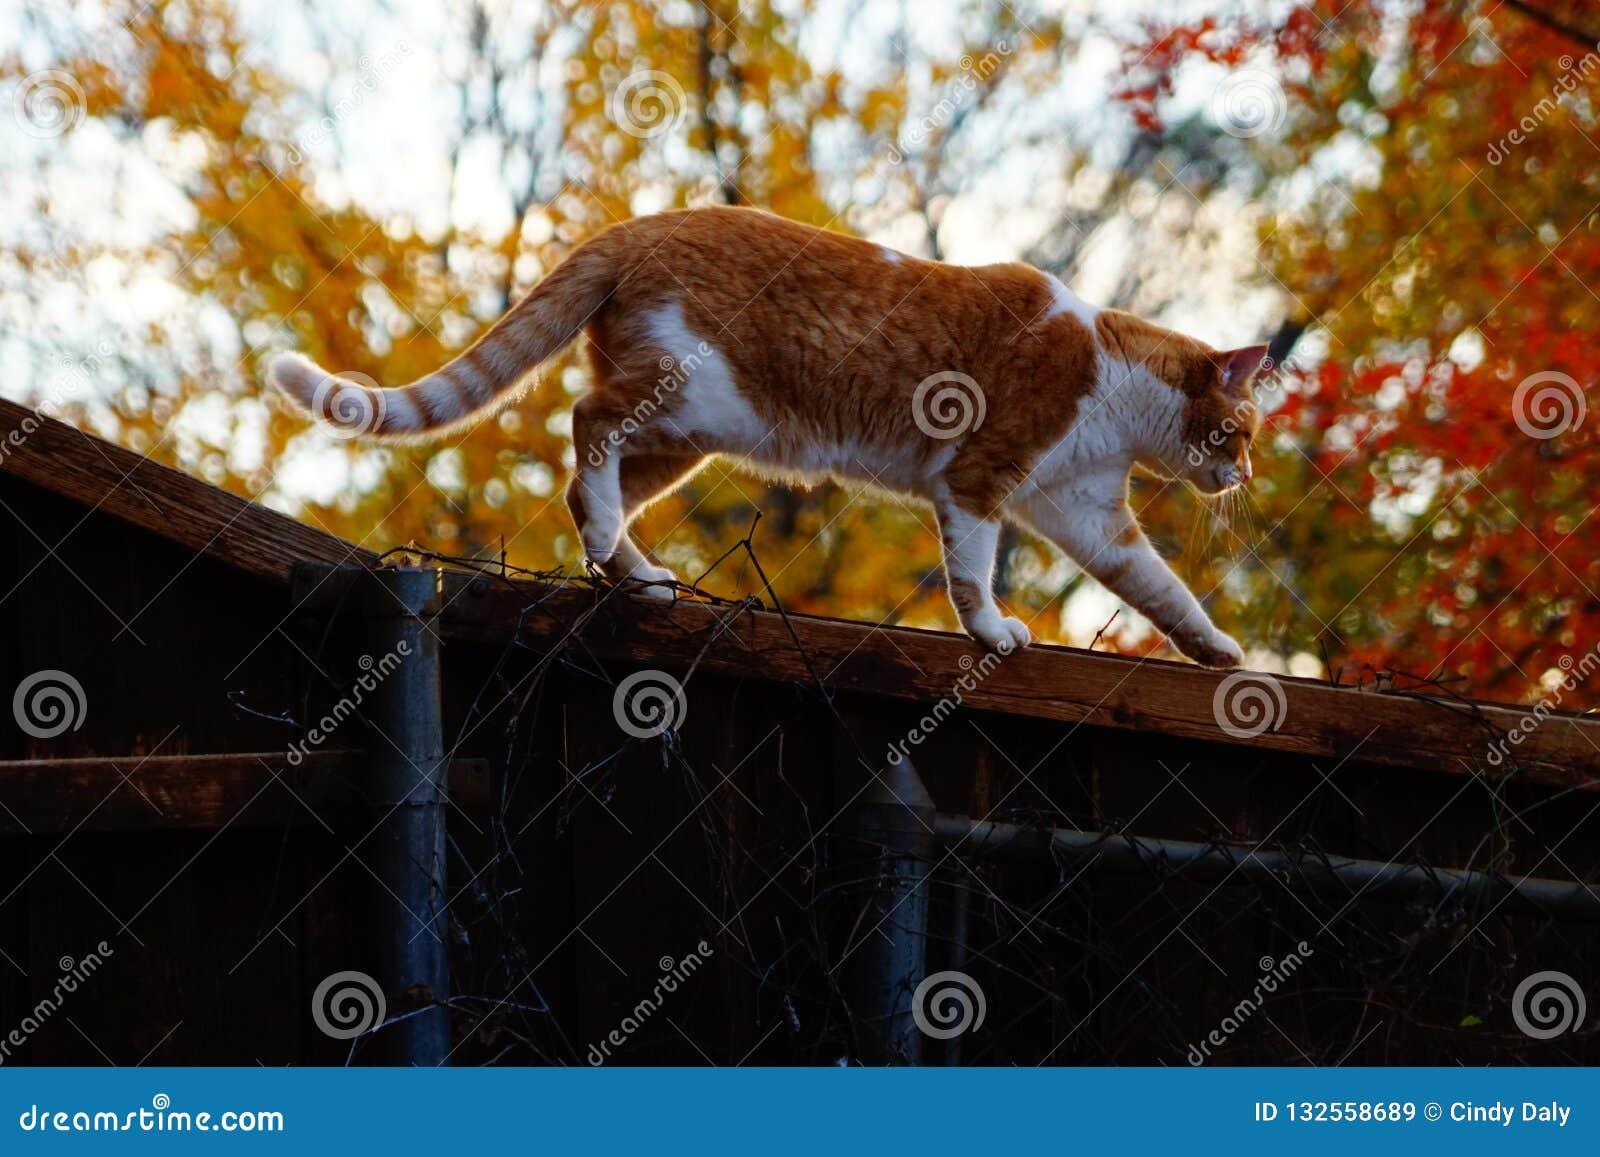 Μια φωτογραφία μιας κίτρινης τιγρέ γάτας σε έναν φράκτη